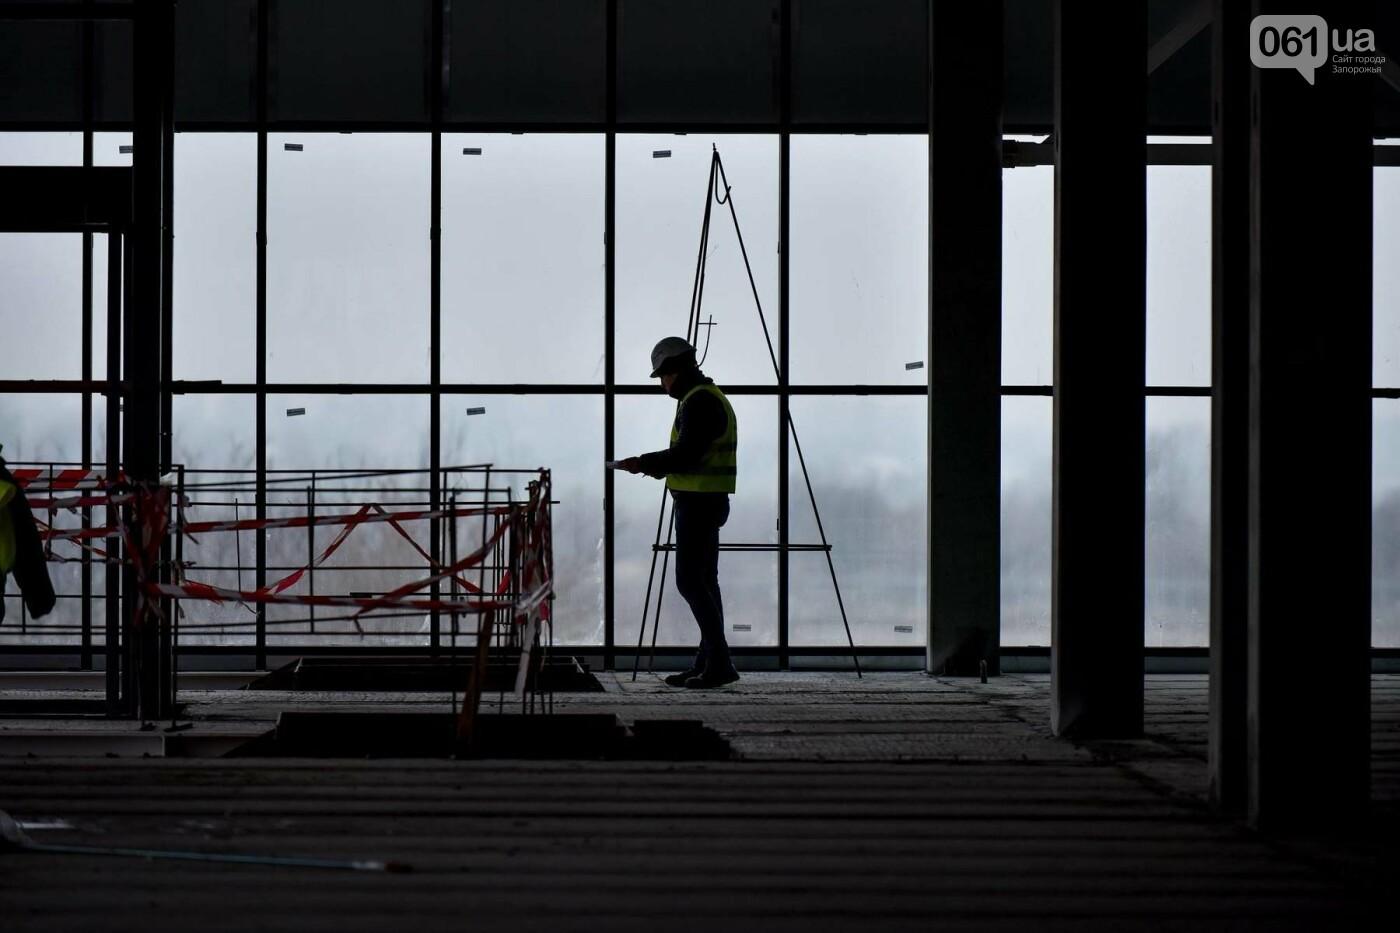 Запорожский аэропорт возьмет кредит на строительство терминала и прогнозирует увеличение пассажиропотока до одного миллиона, — ФОТОРЕПОРТАЖ, фото-21